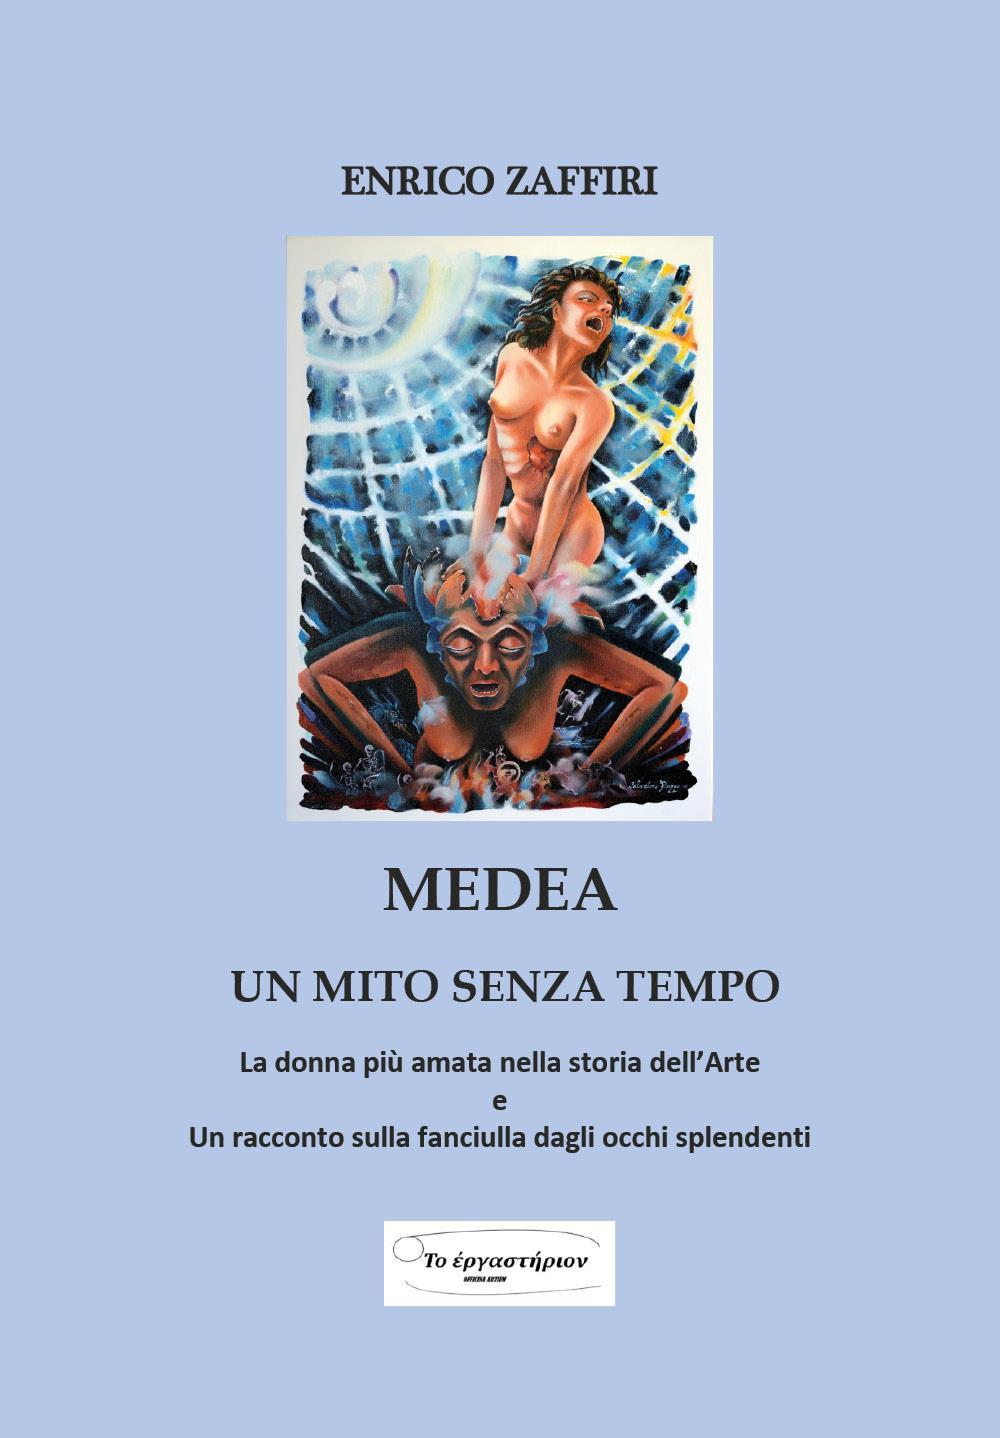 Medea - Un mito senza tempo